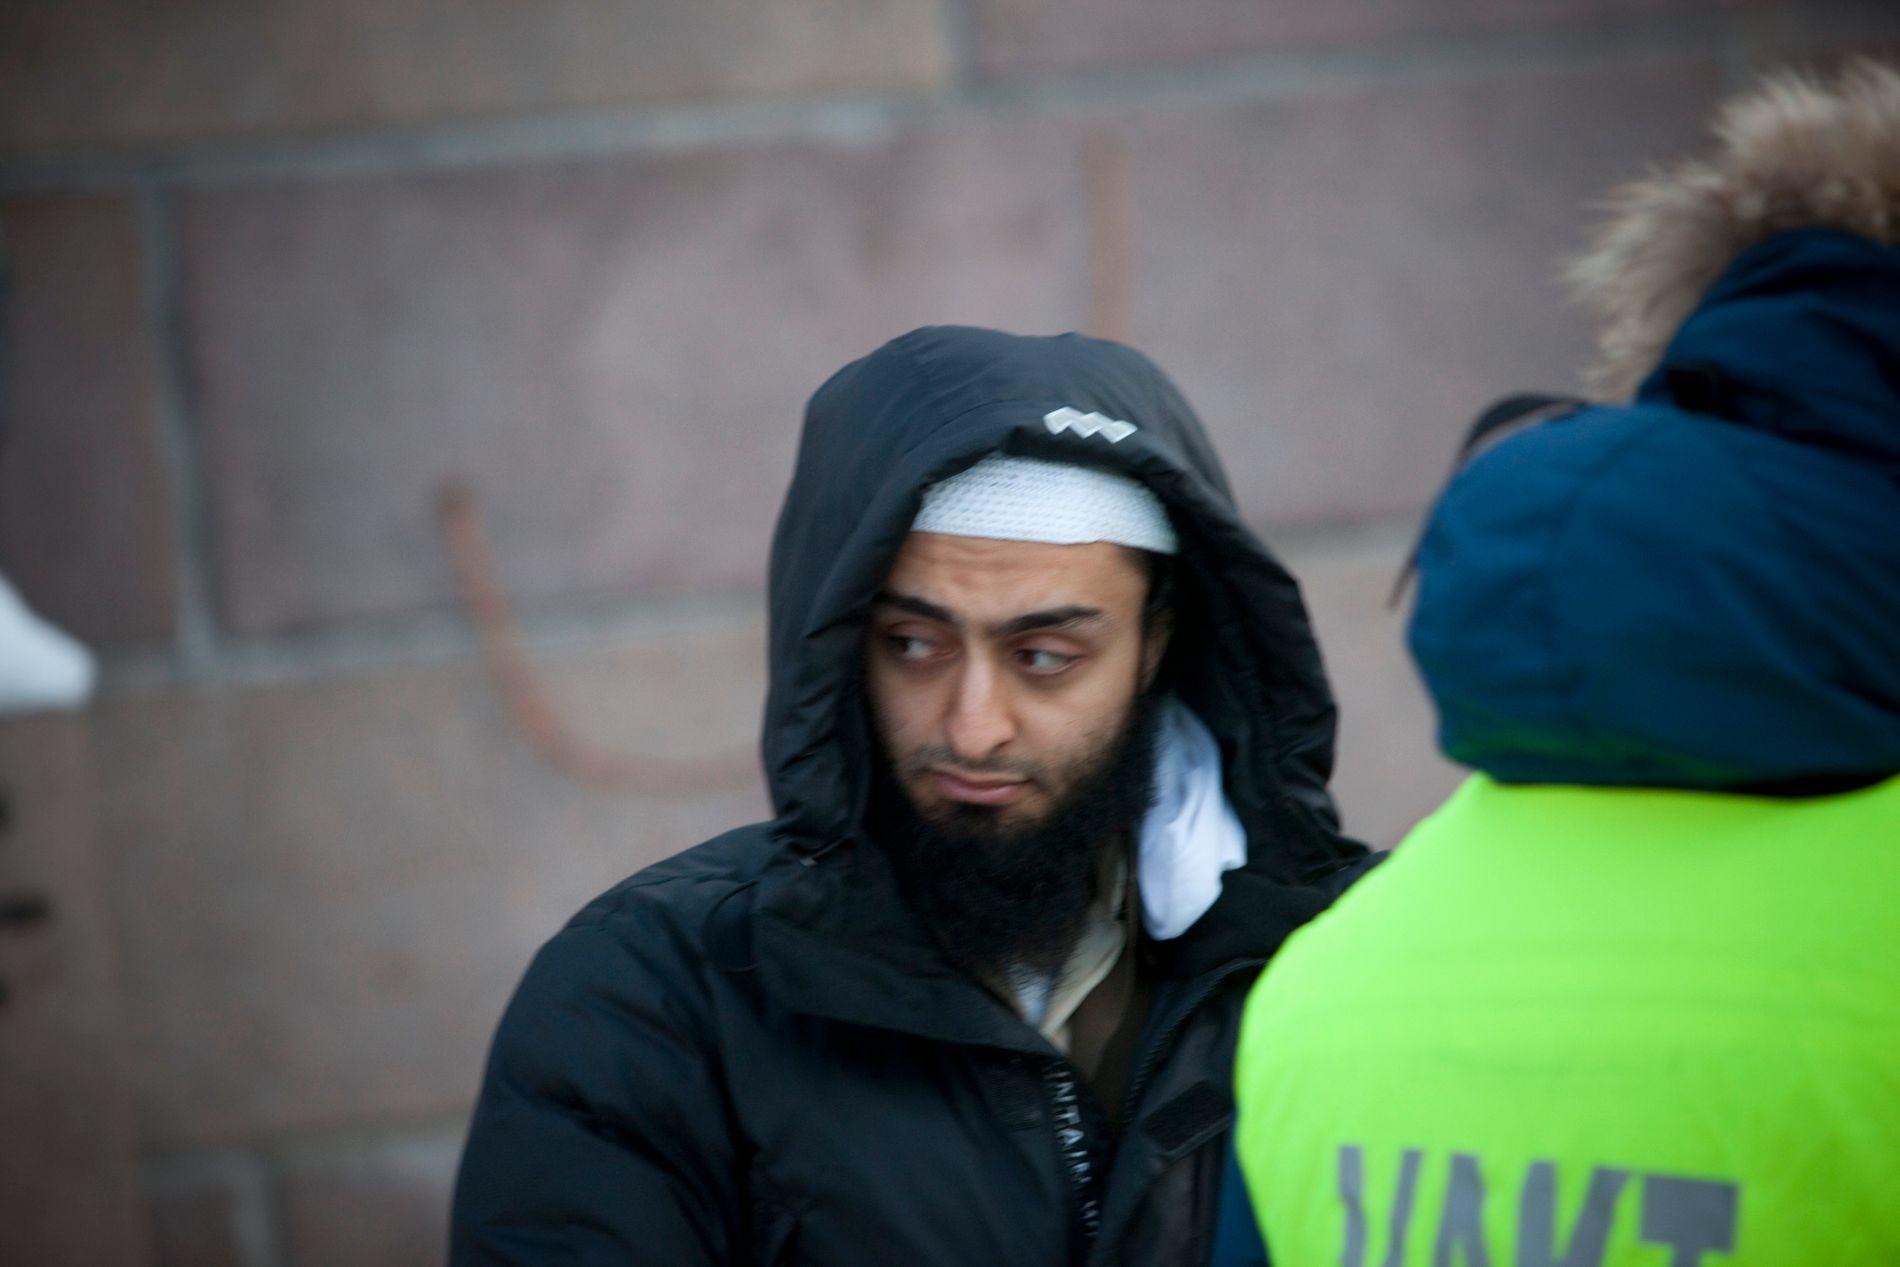 DØMT: Islamisten Mohyeldeen Mohammad har blitt dømt til 2,5 års fengsel for trusler mot stortingsrepresentant Abid Raja Her er han under en demonstrasjon mot norske soldater i Afghanistan i 2012.